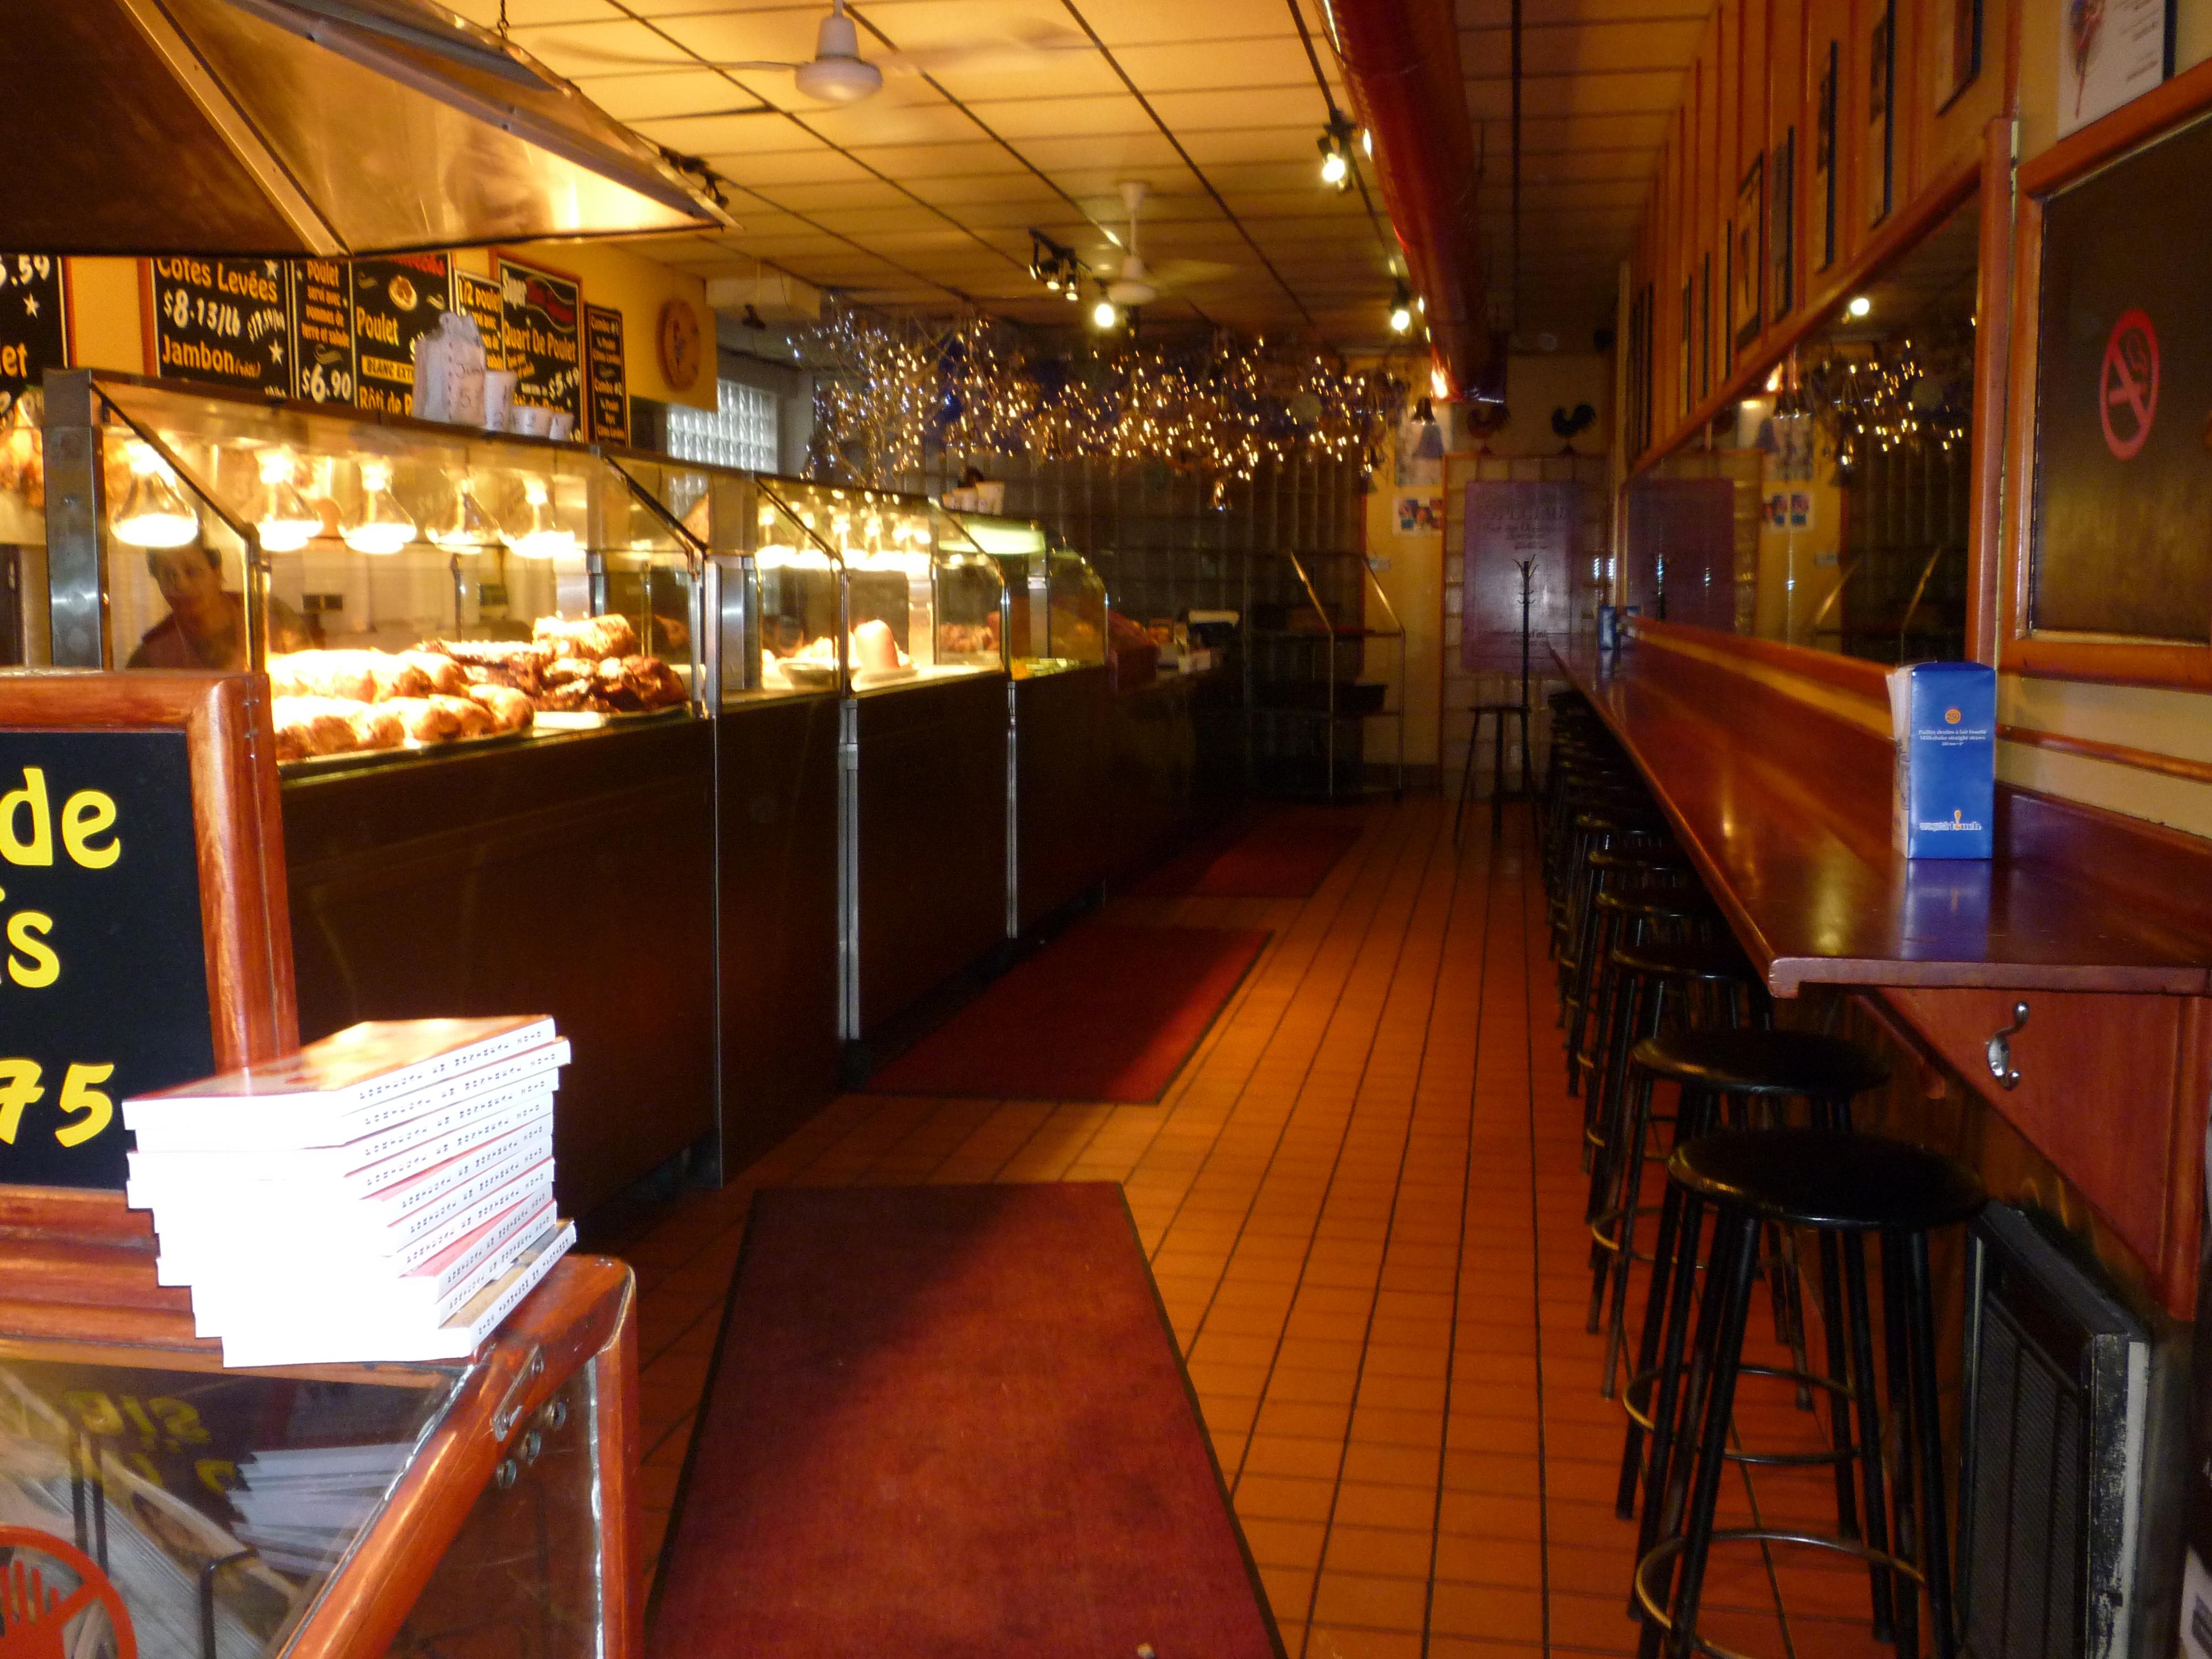 Cafe Rio Menu Federal Way